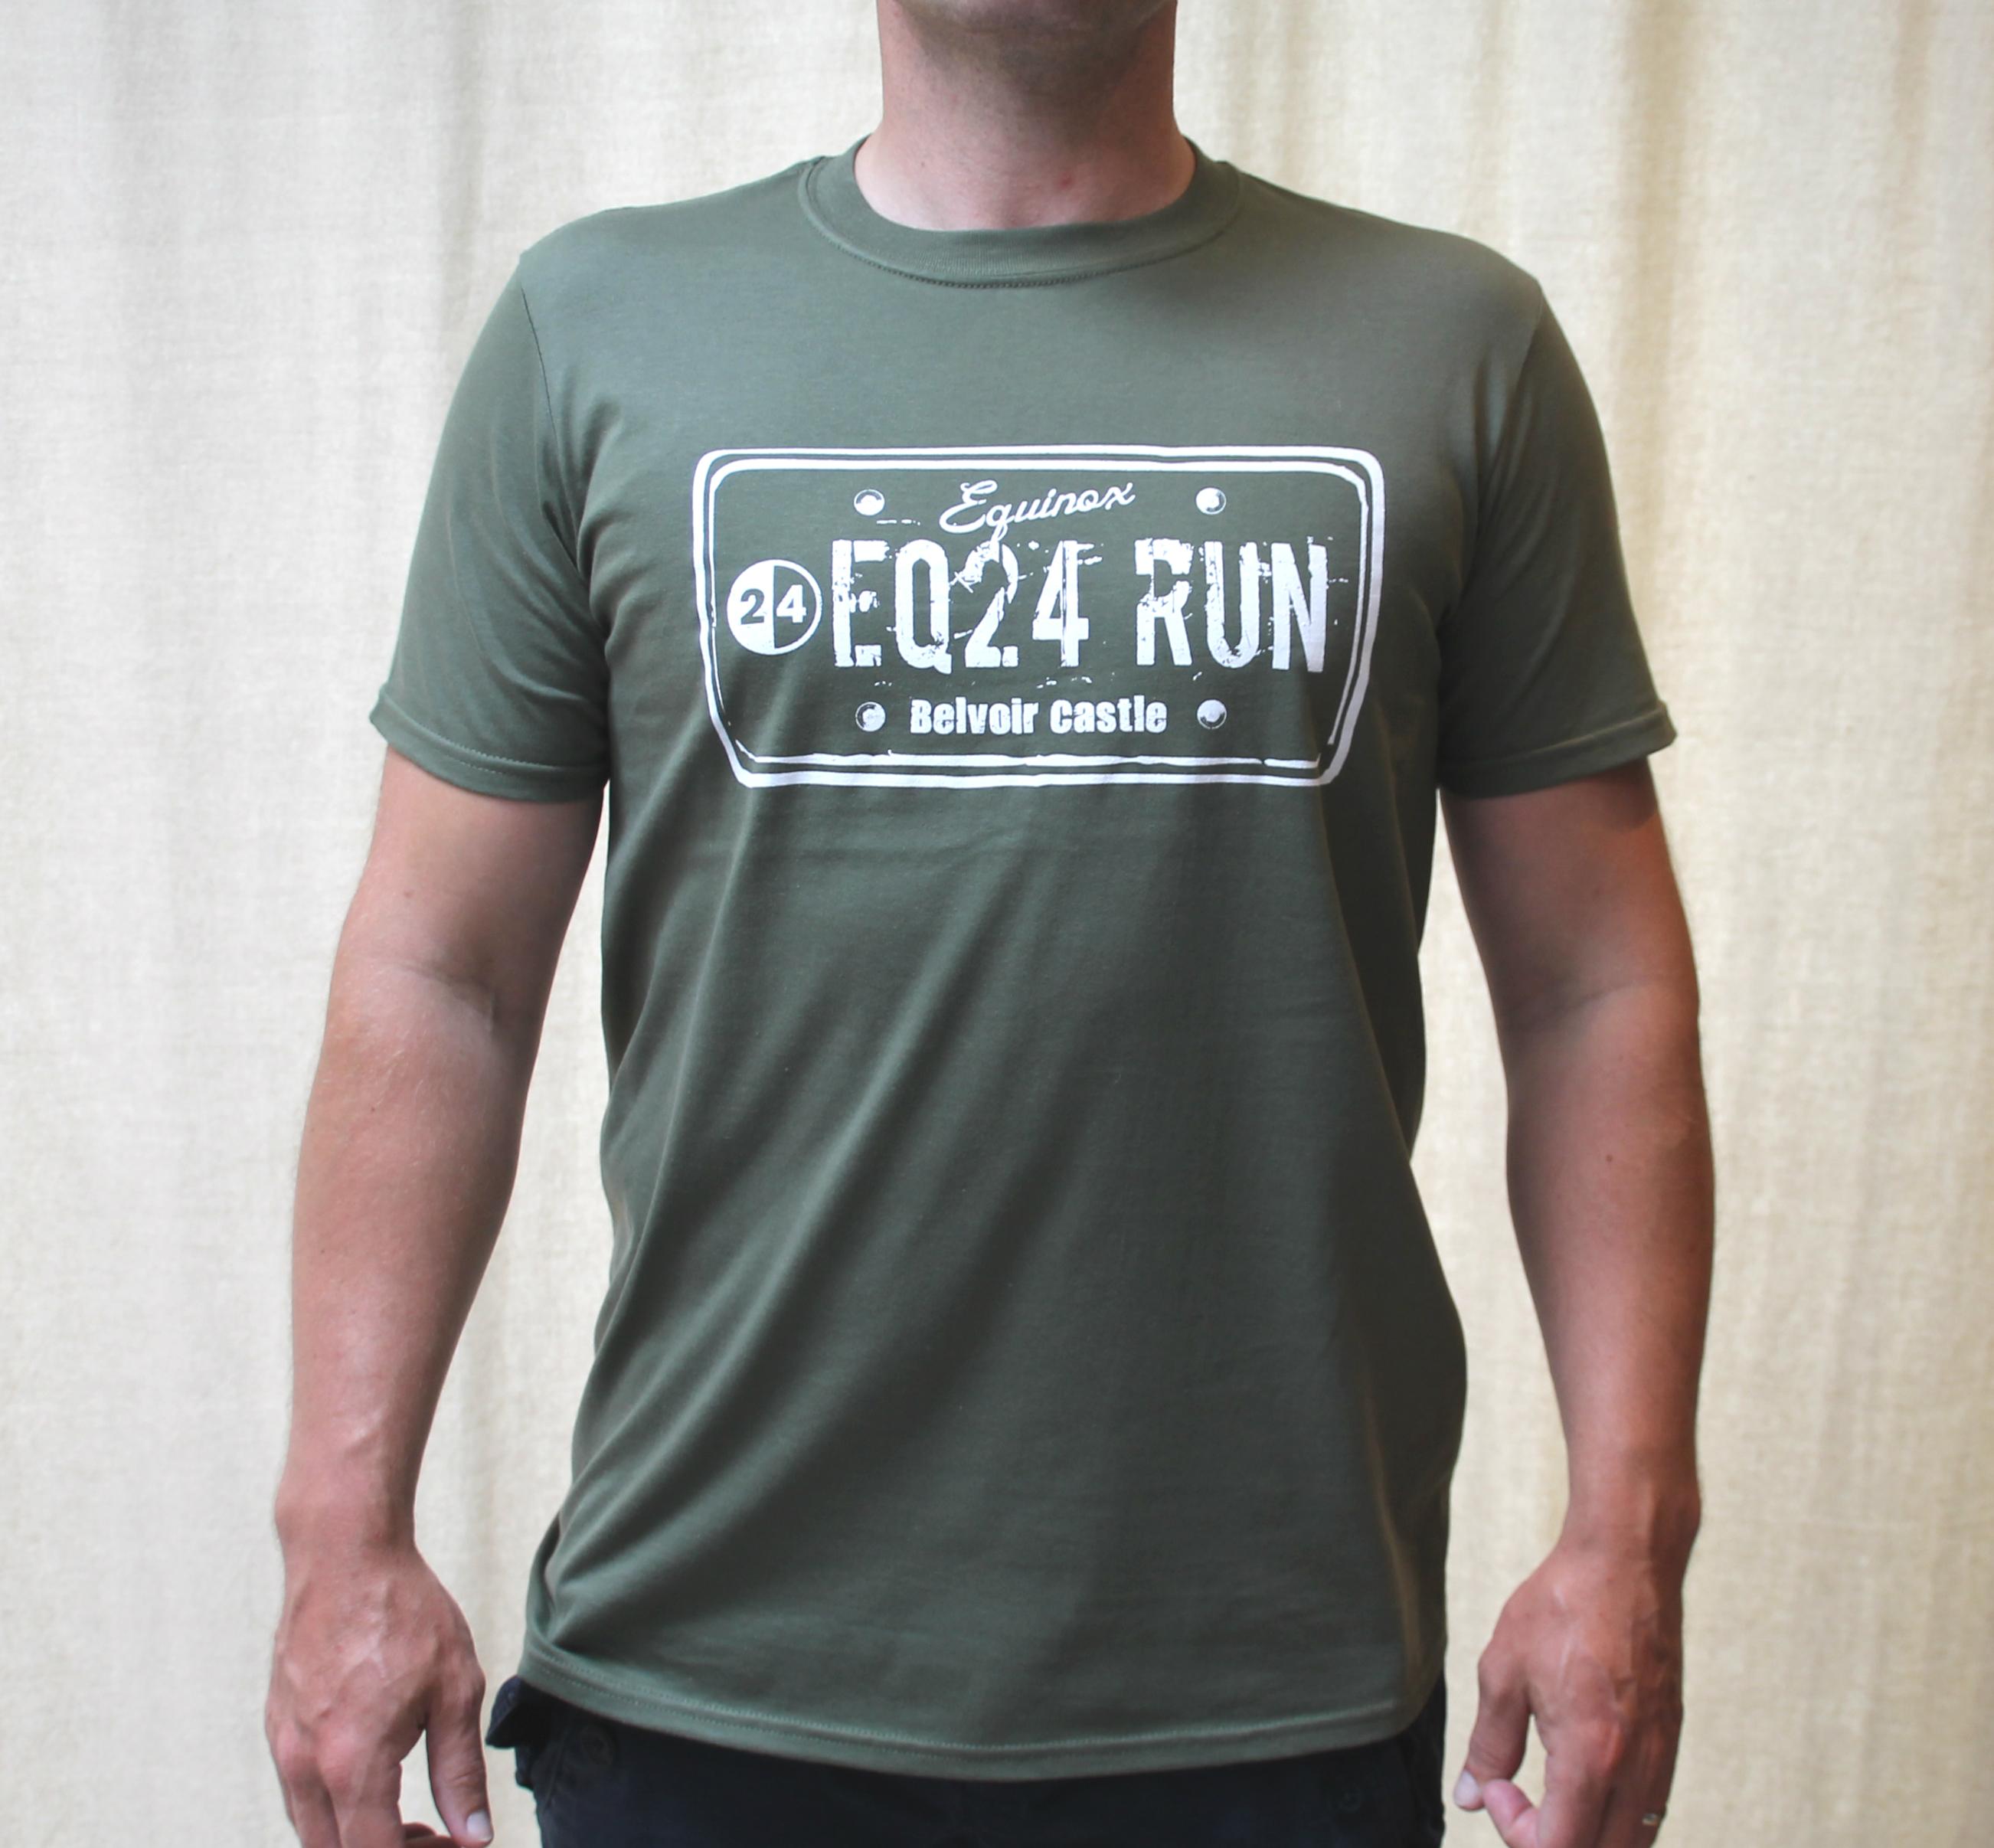 EQ24 RUN License Plate Cotton T-shirt